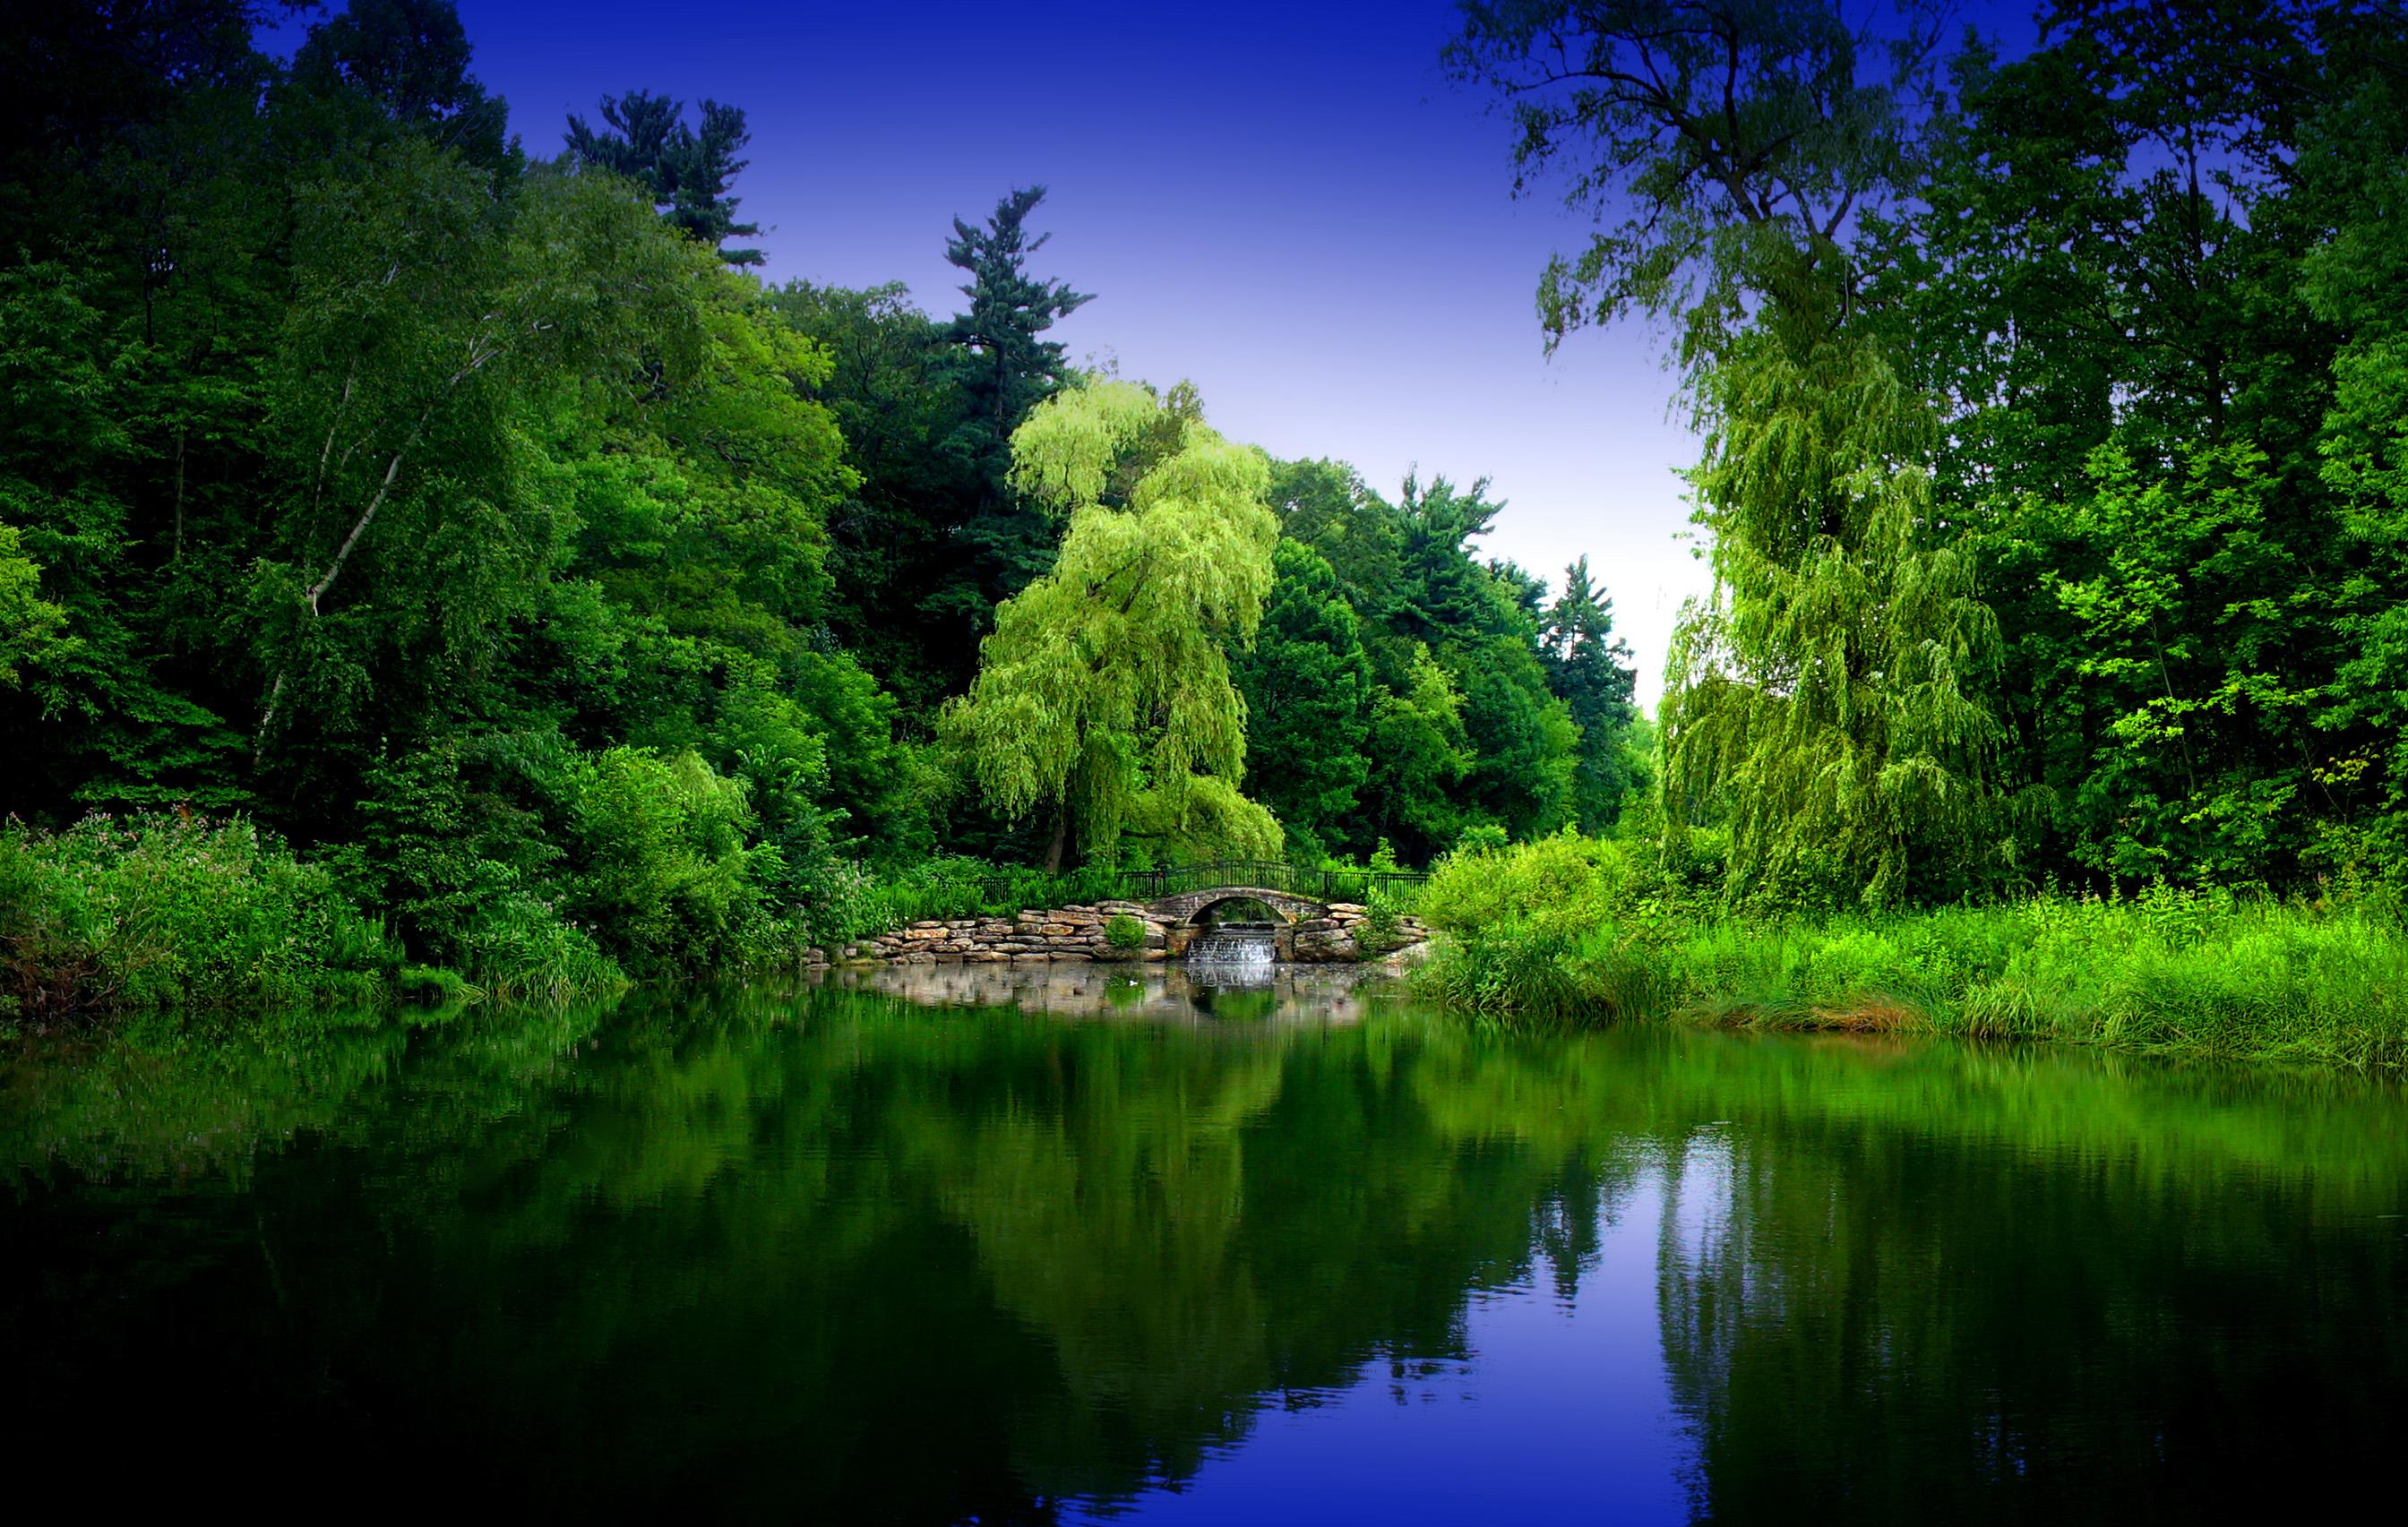 большое фото леса для экрана компьютера разные виды